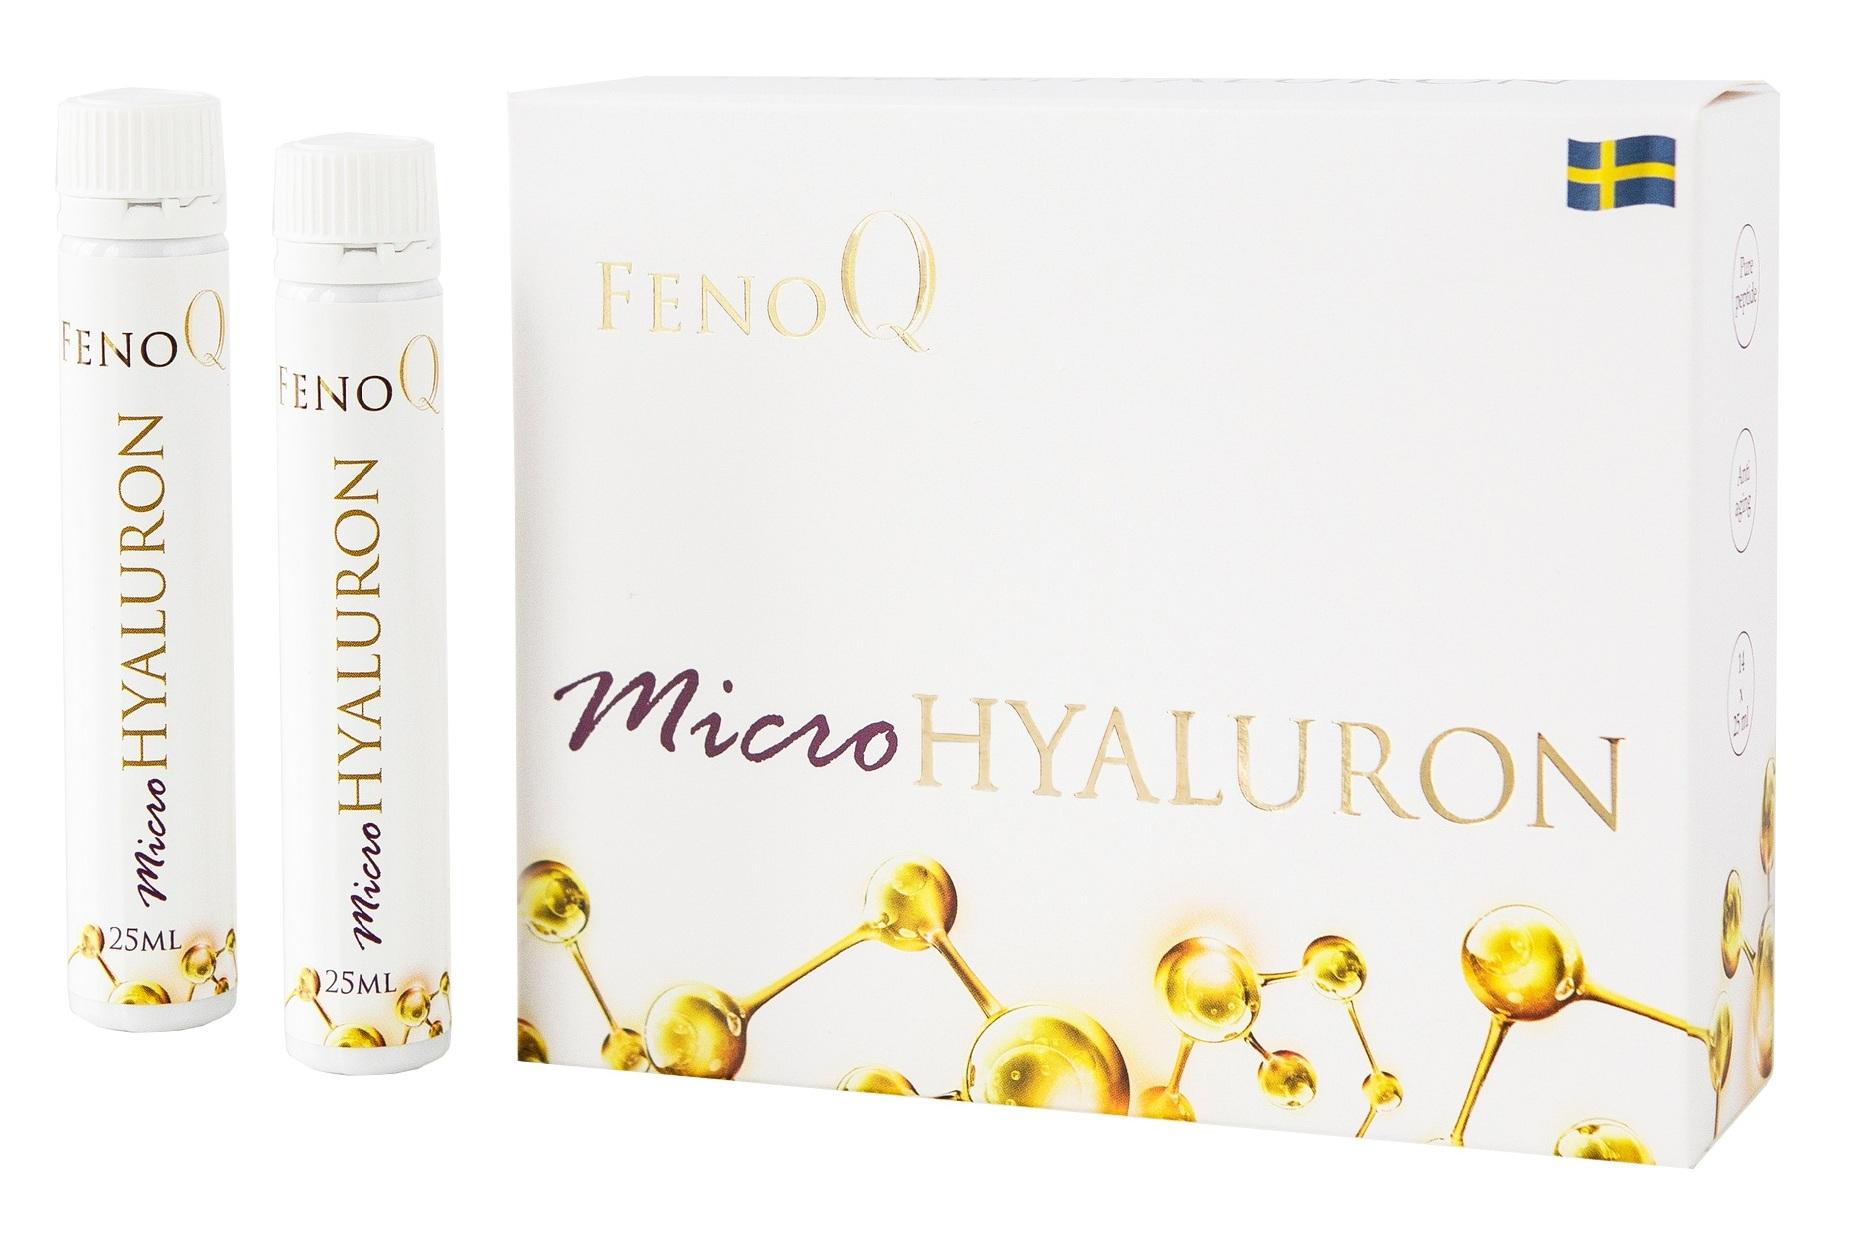 FENOQ TRICOLLAGEN Добавка биологически активная Фенок микрогиалурон / FenoQ MicroHyaluron 14*25 мл фото